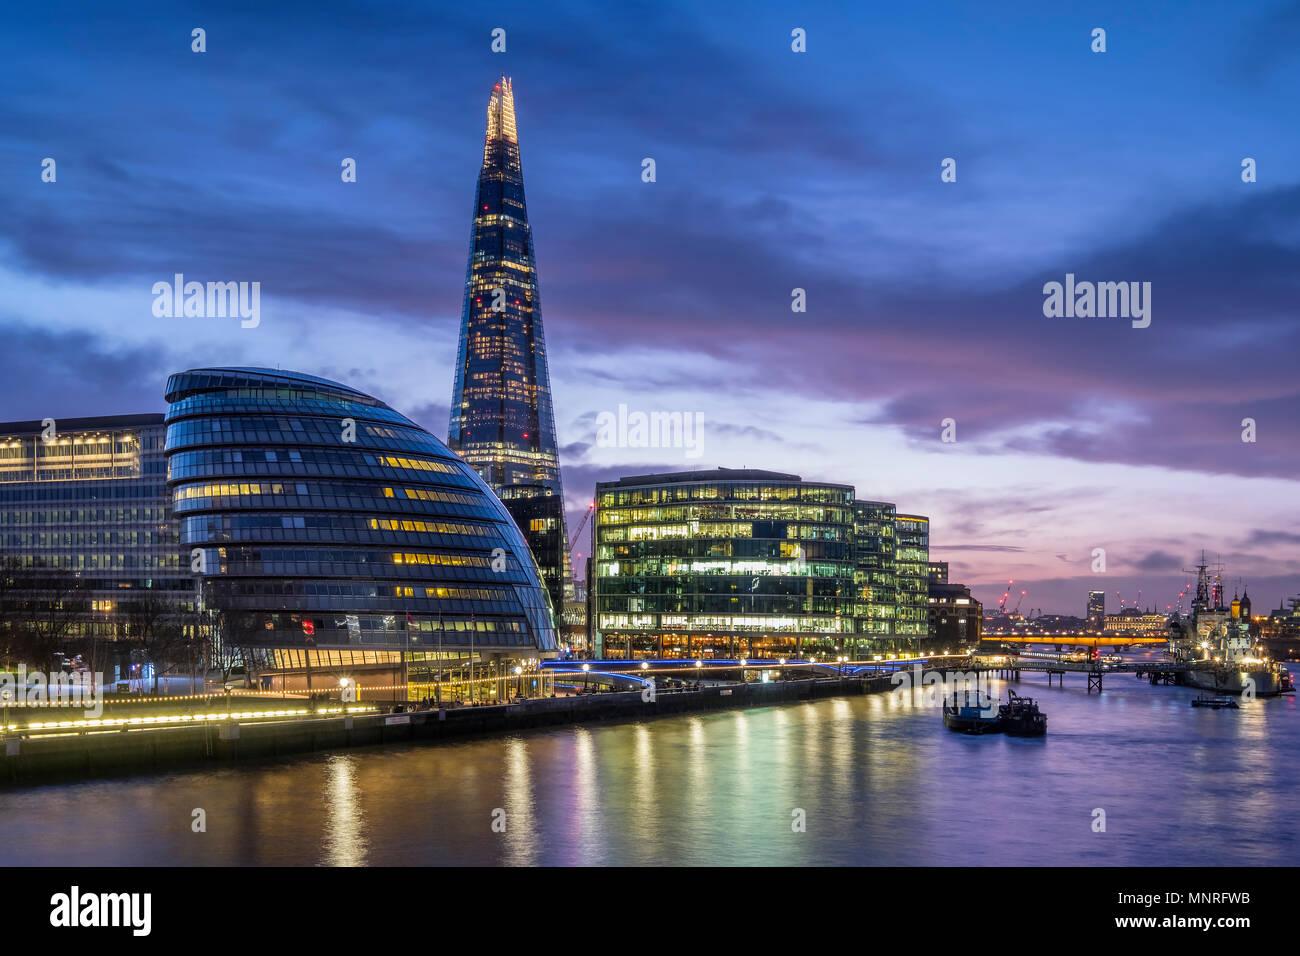 L'hôtel de ville, le Shard et tamise la nuit, Londres, Angleterre, Royaume-Uni Banque D'Images